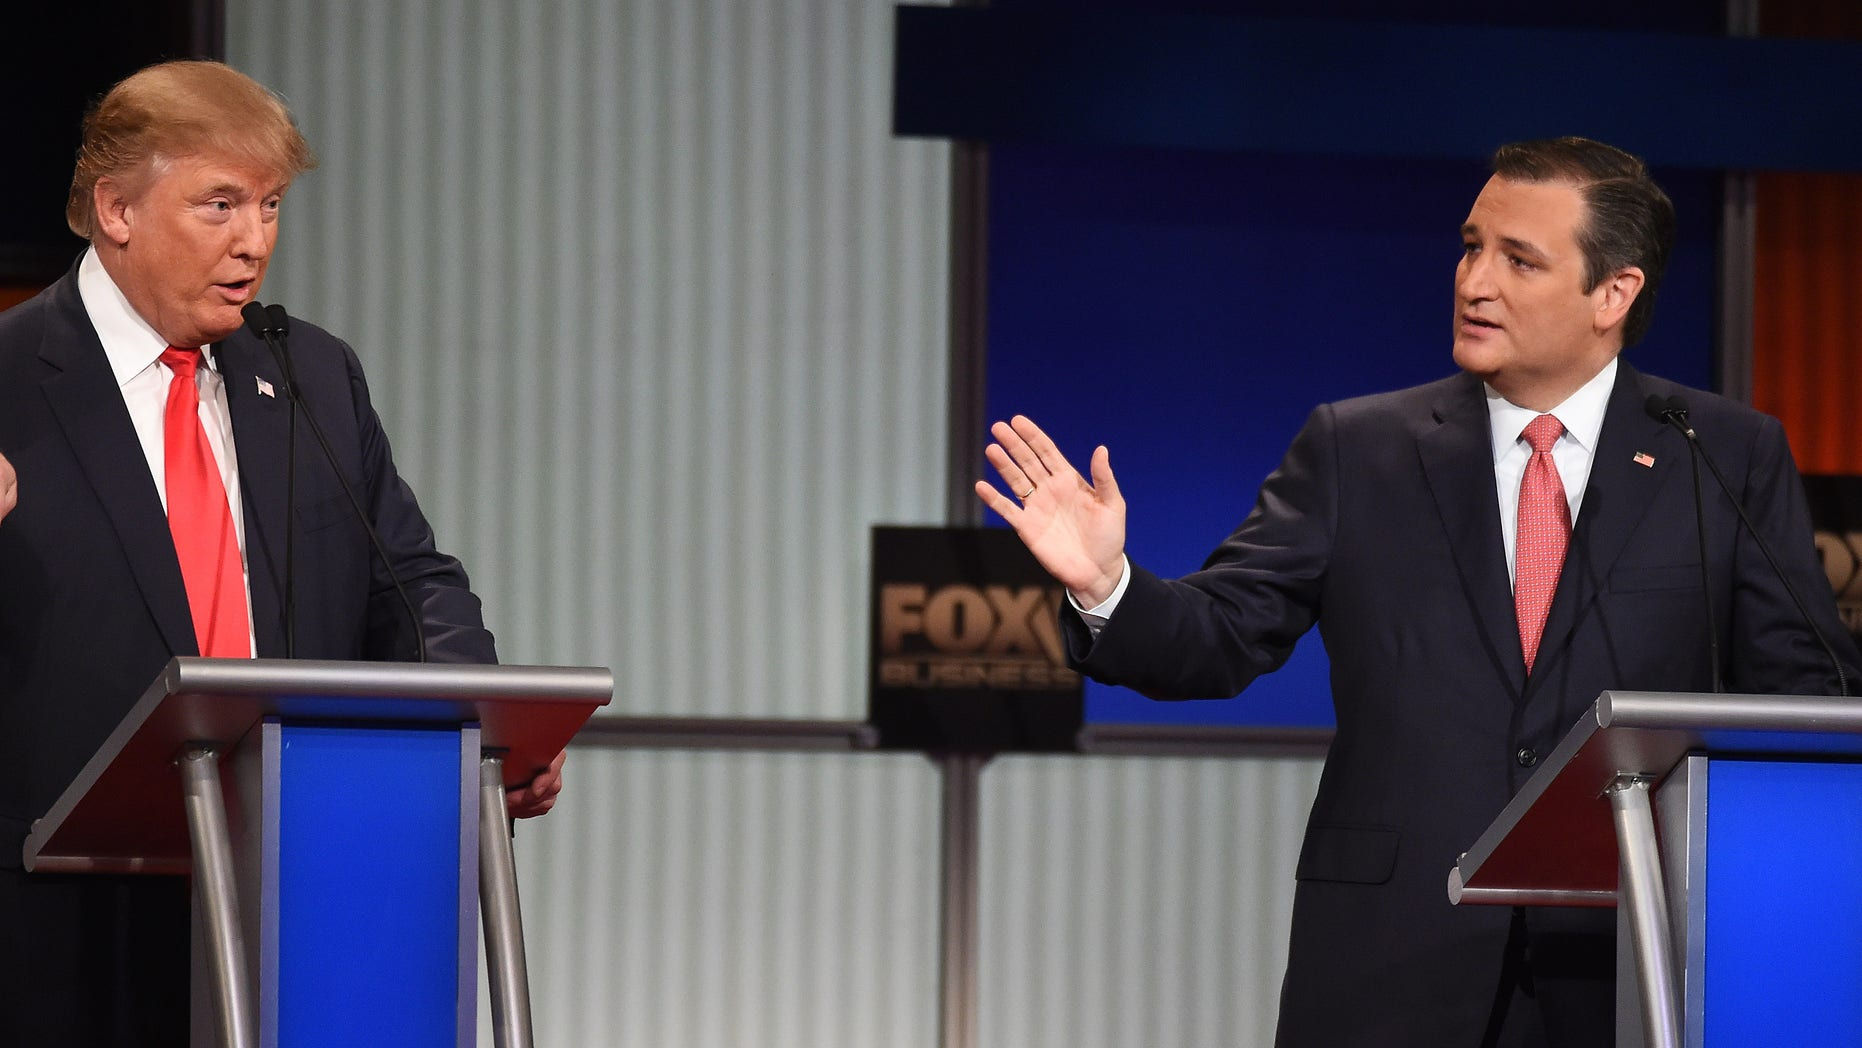 Donald Trump (izq) discute con Ted Cruz durante el debate de los aspirantes republicanos a la nominación presidencial el 14 de enero del 2016 en North Charleston, Carolina del Sur. (AP Photo/Rainier Ehrhardt)